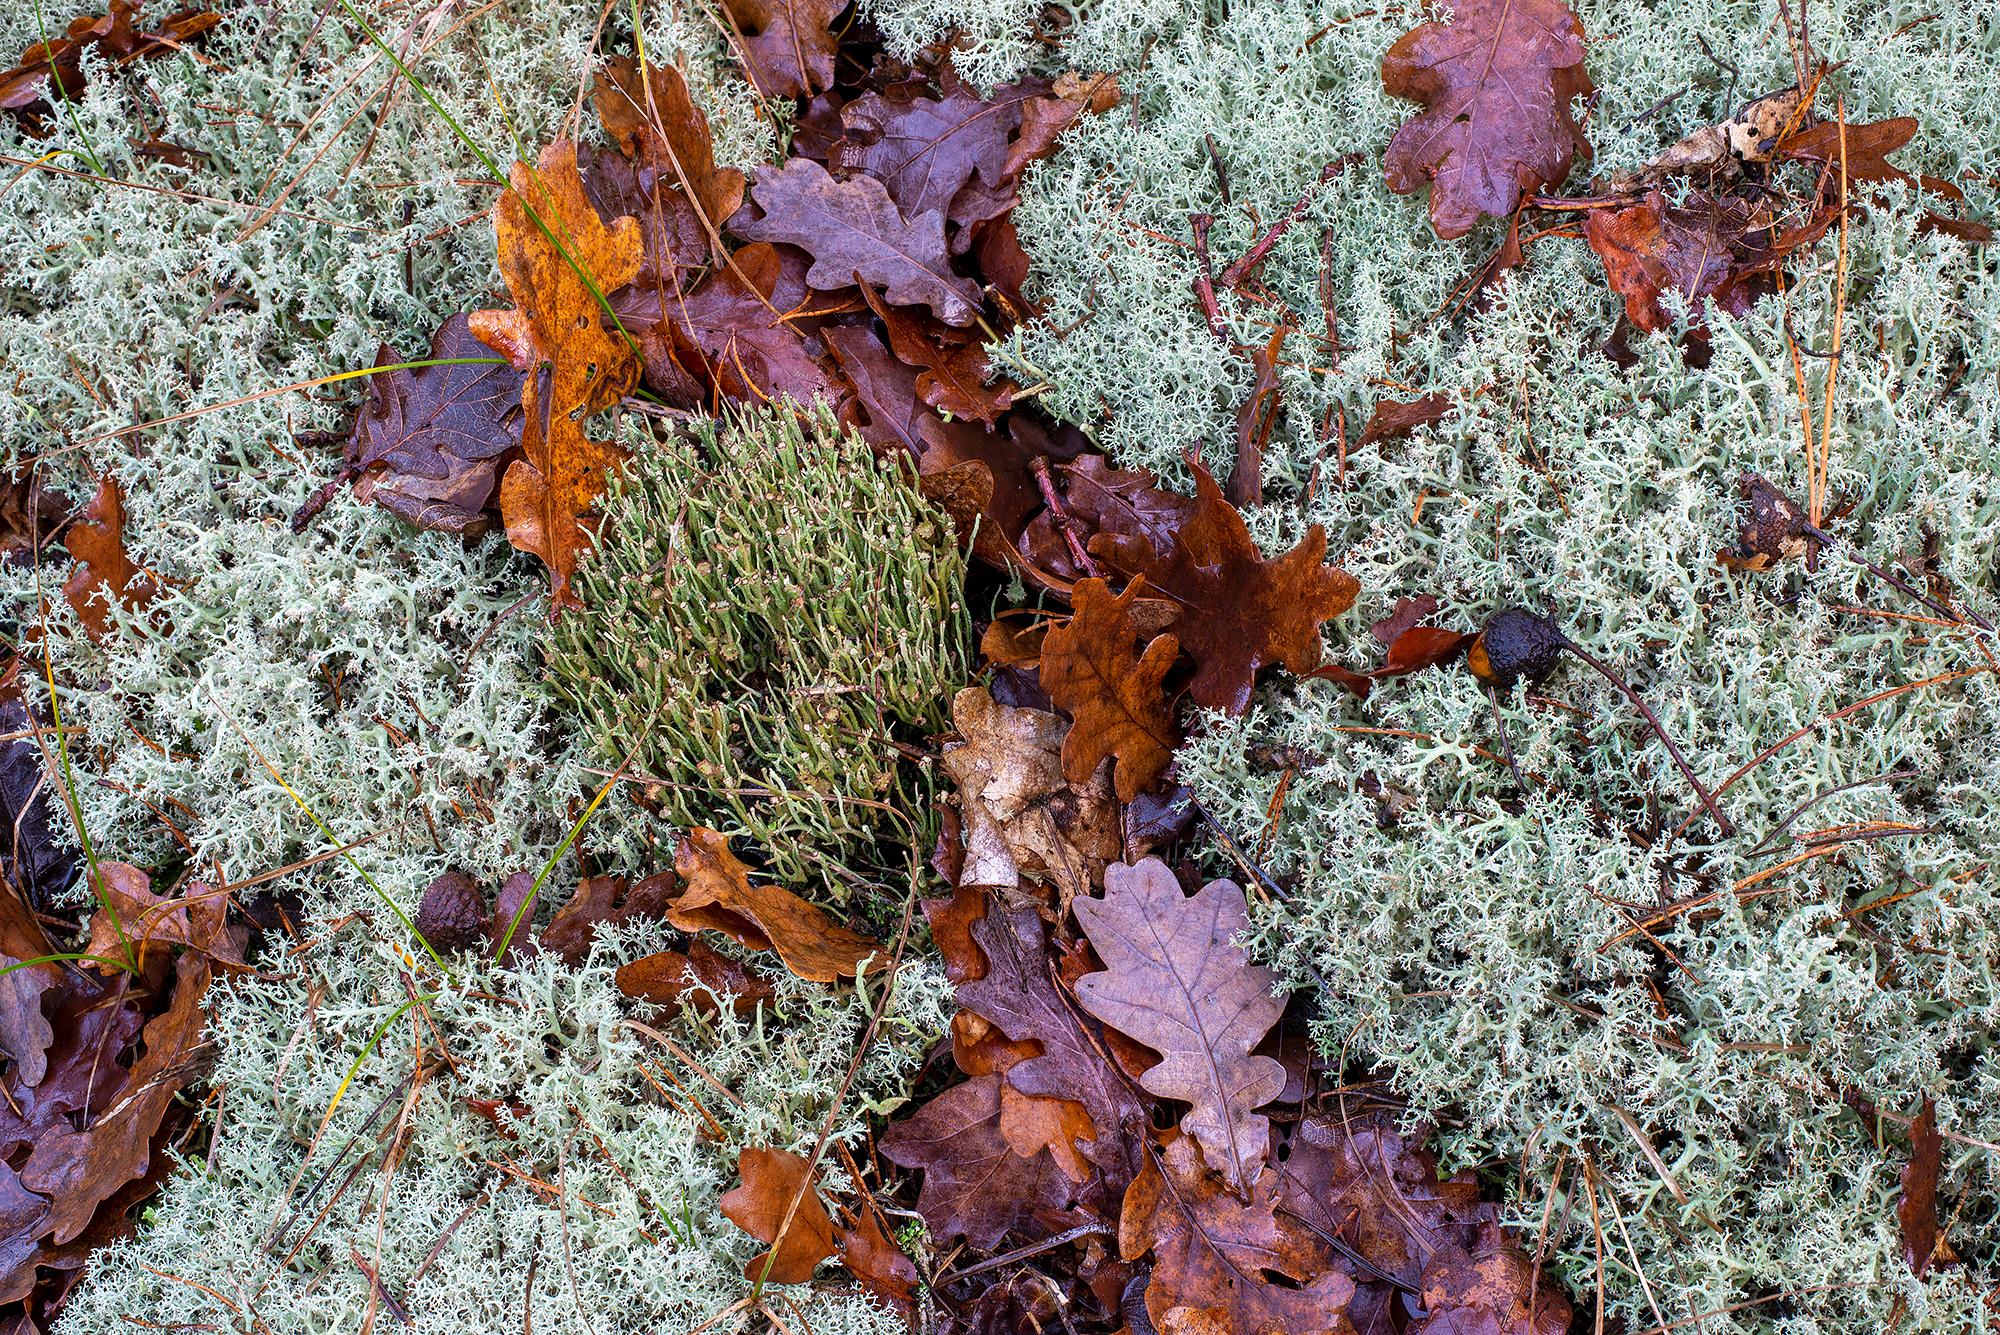 Verzameling van mossen en korstmossen op een duinhelling in het bos van het Noordhollands Duinreservaat bij Bergen.